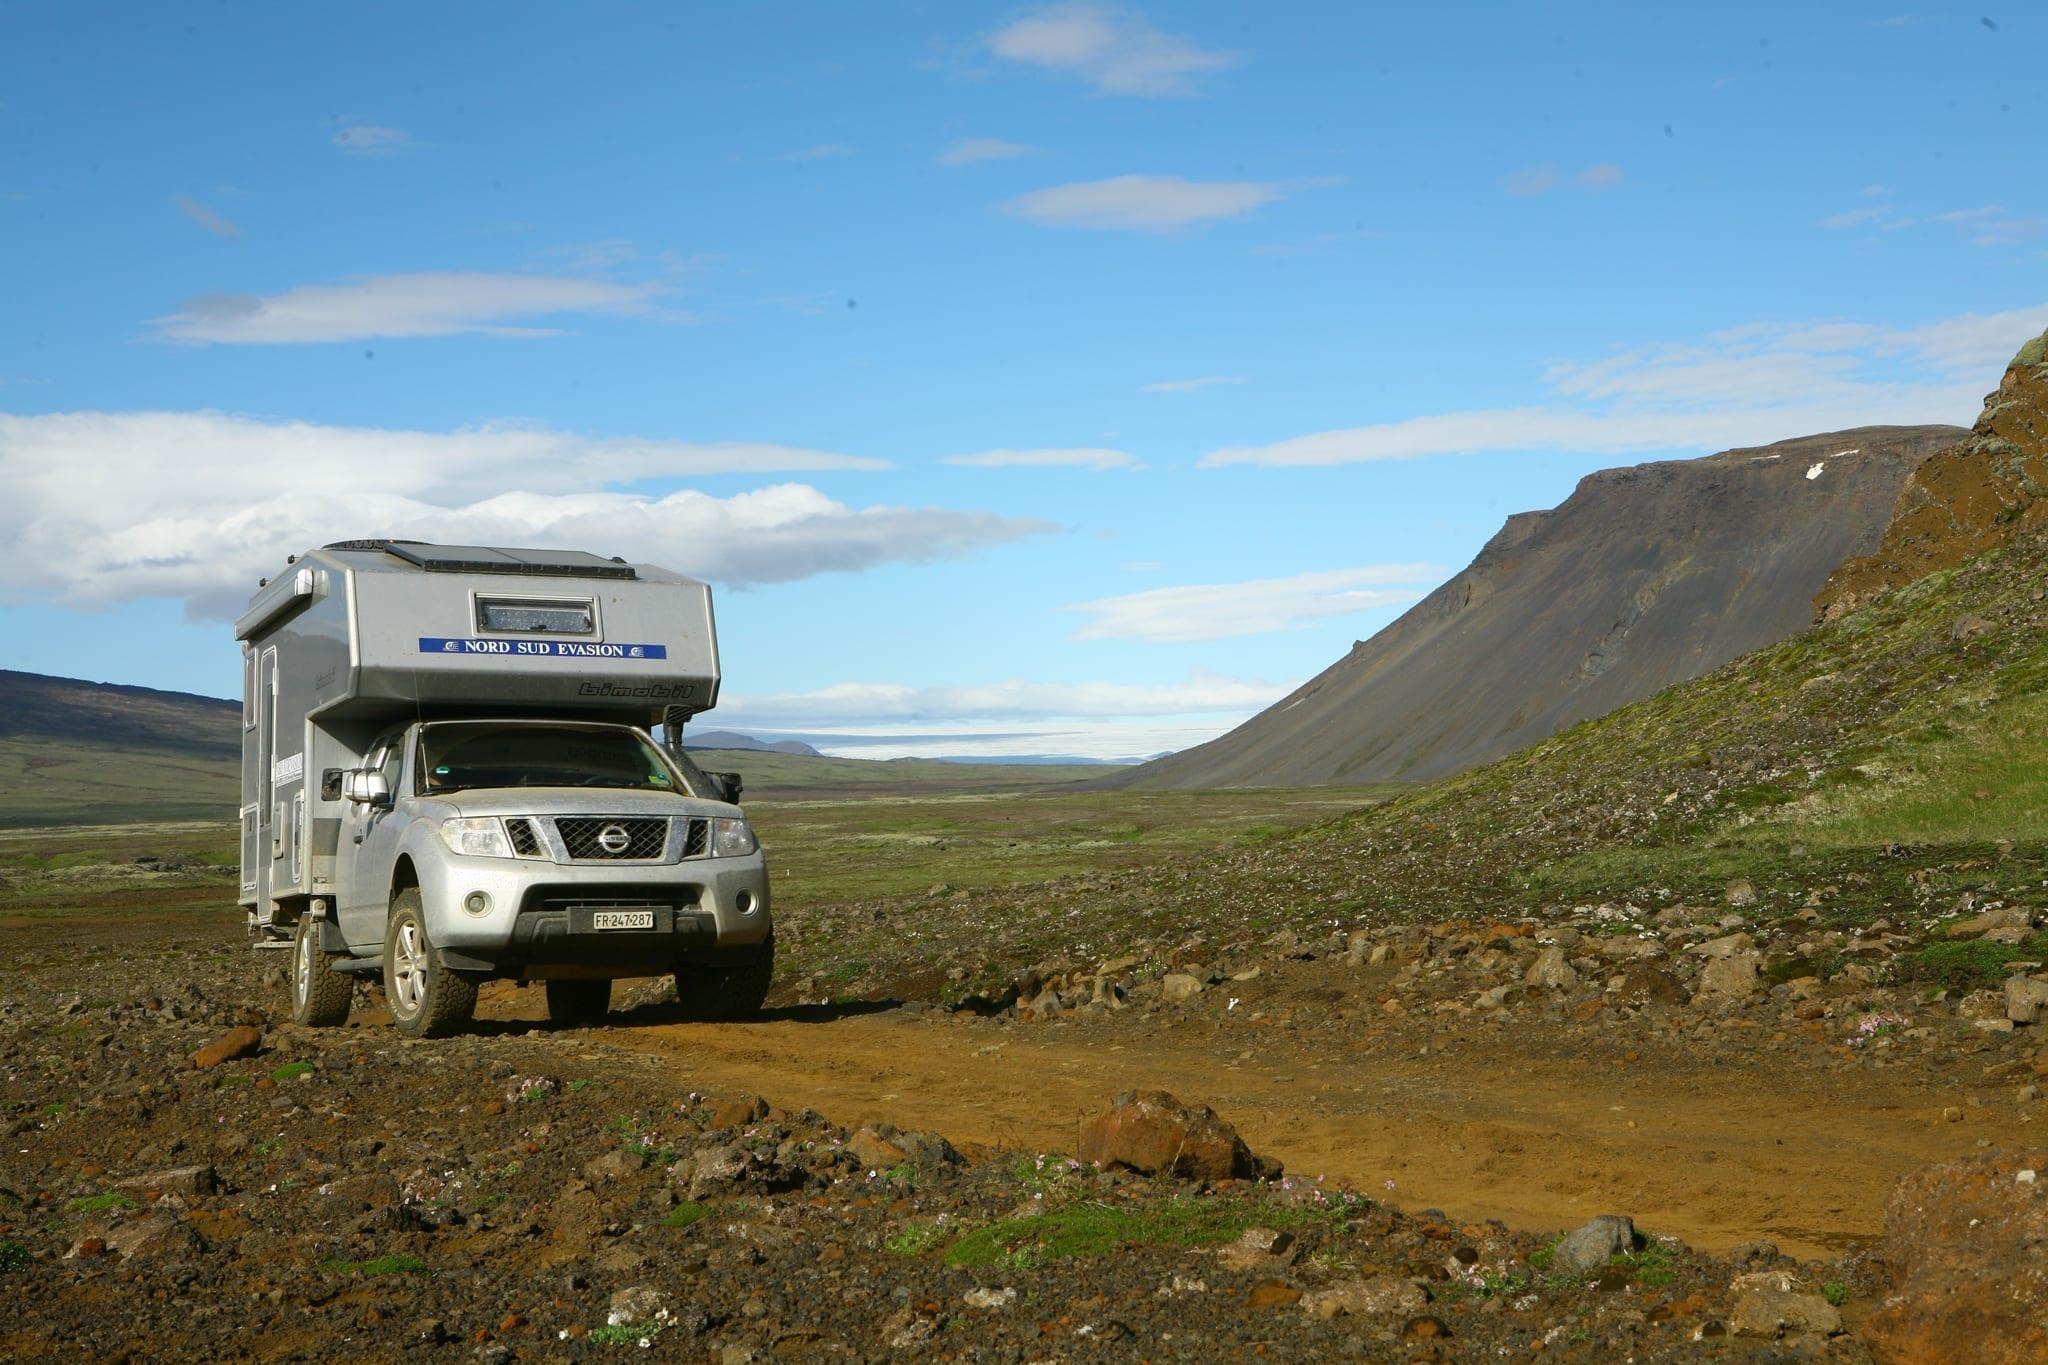 4x4 Camper sur une piste ocre dans un paysage volcanique pendant le raid campers tour Askja en Islande, juillet 2020